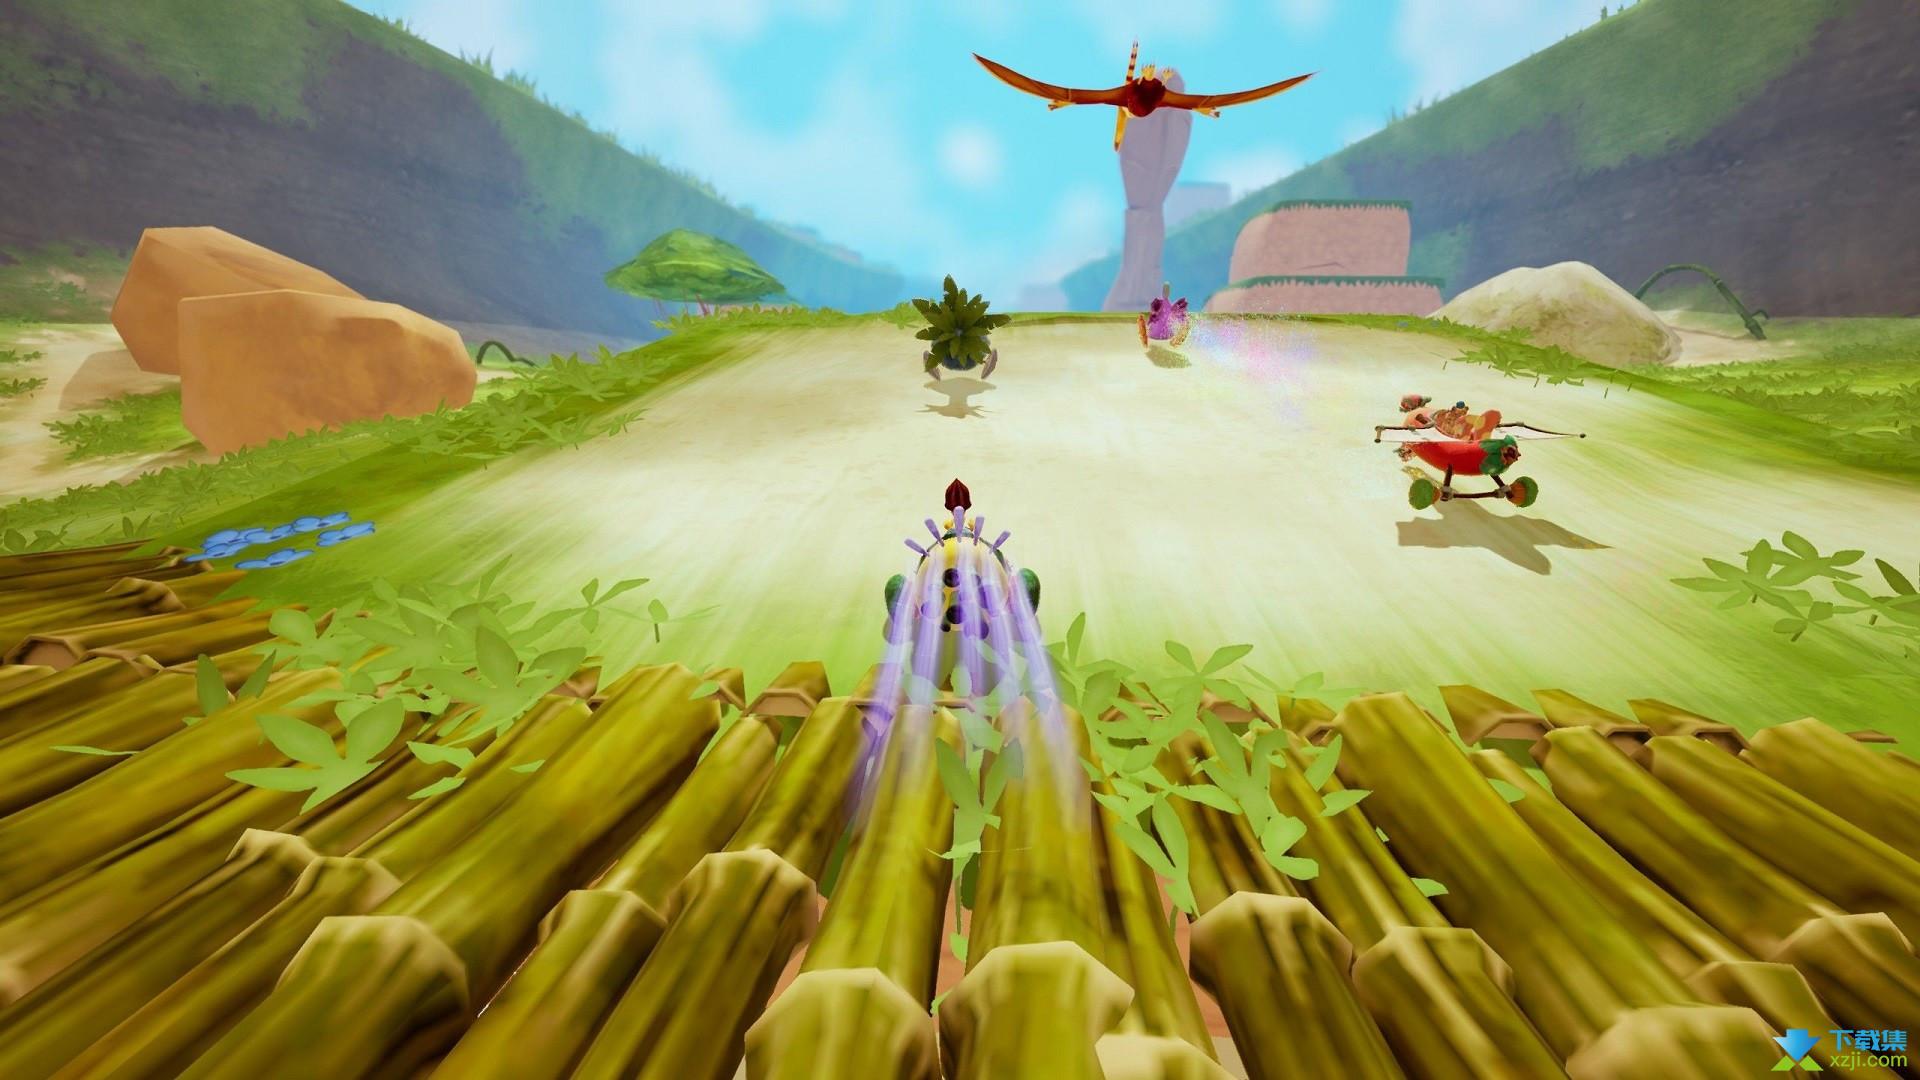 巨龙游戏界面2